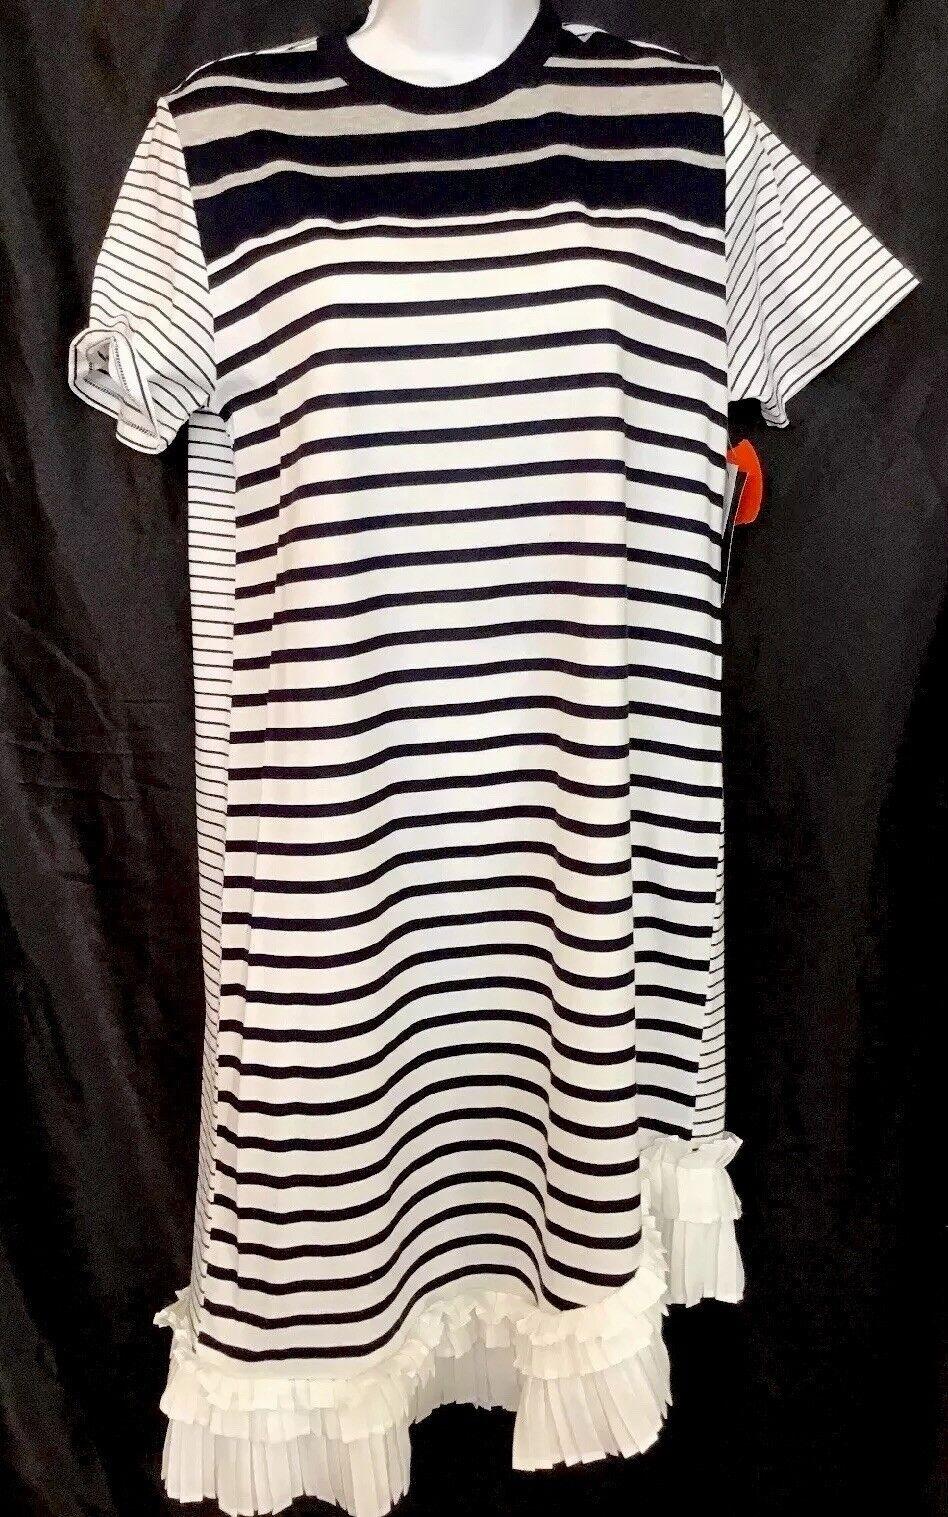 Clu Maille Dress Navy WhIte Shortsleeve Cotton Pleated Ruffle Hem Nwt Size Xs